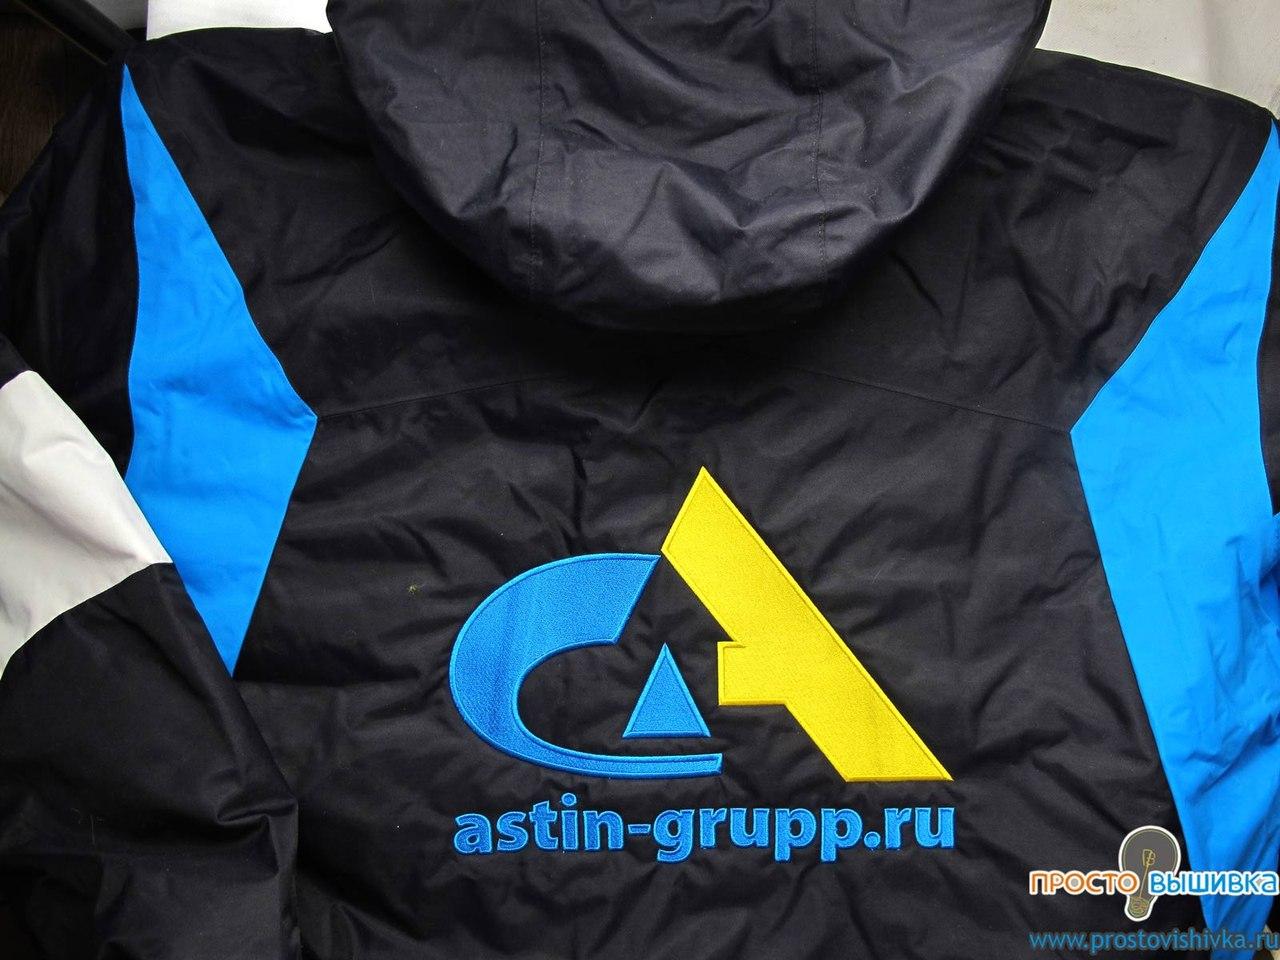 Нанесение логотипа astin-grupp на спецодежду